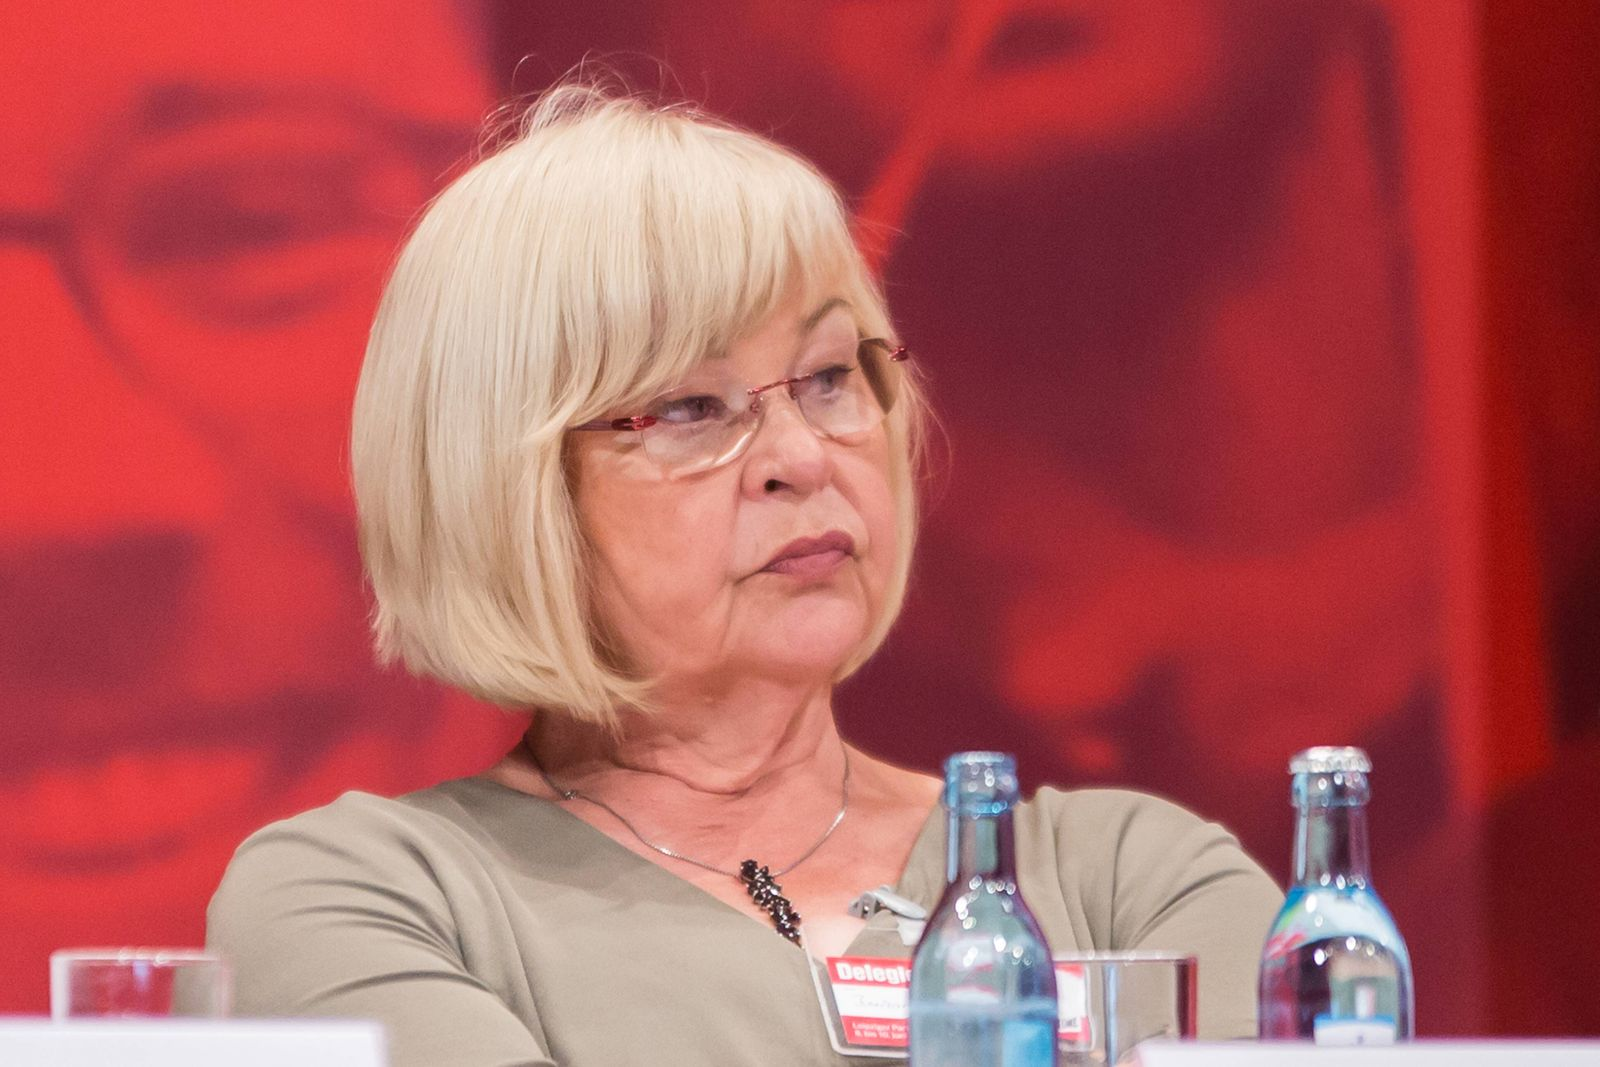 Barbara Borchardt stellvertretendes Mitglied des Landesverfassungsgerichts Mecklenburg Vorpommern